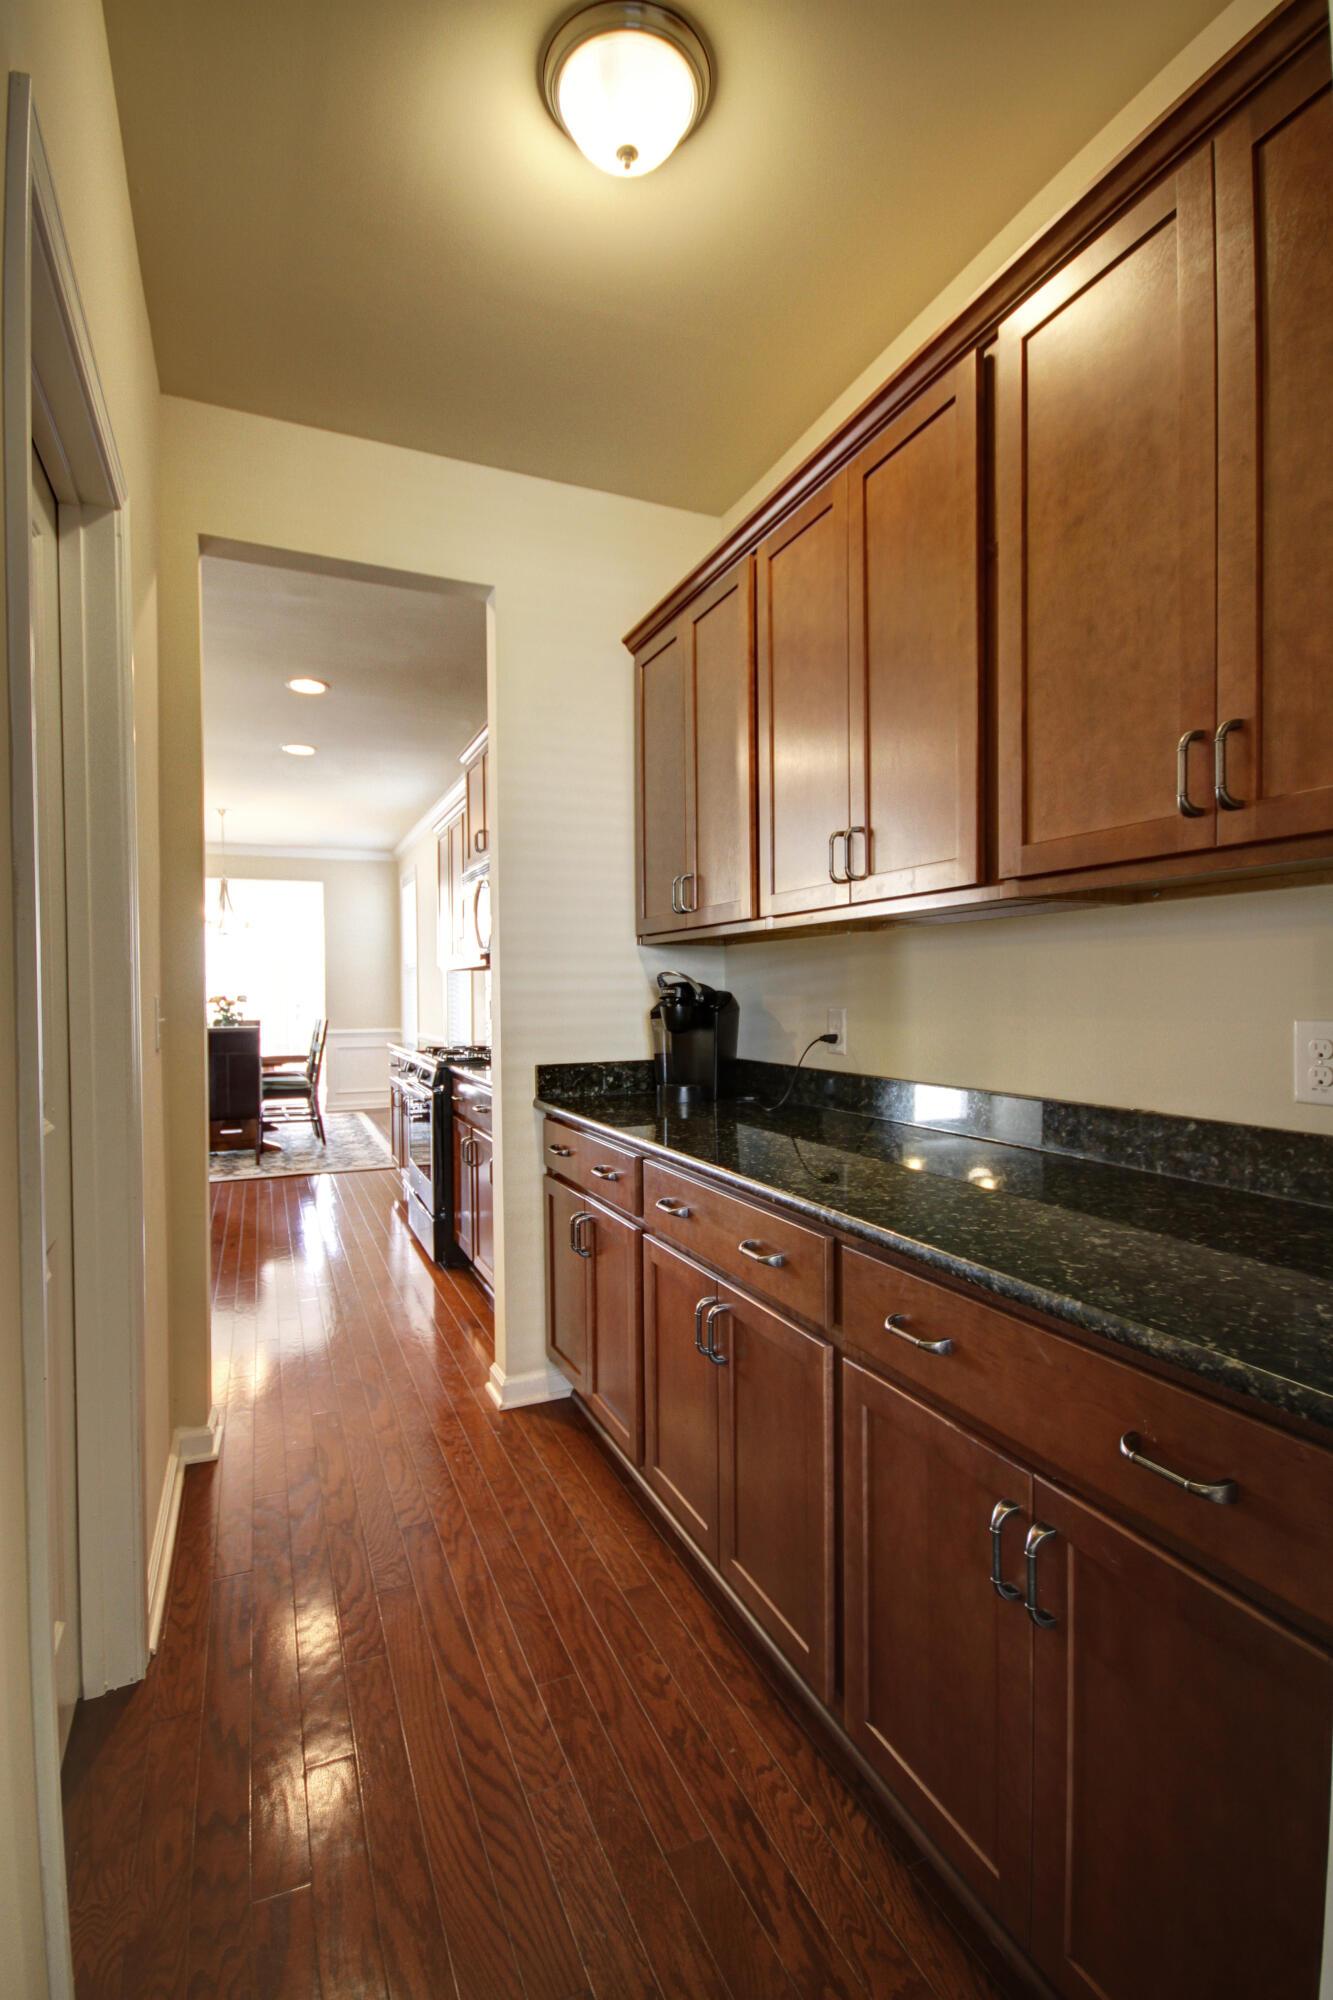 Park West Homes For Sale - 2597 Larch, Mount Pleasant, SC - 23